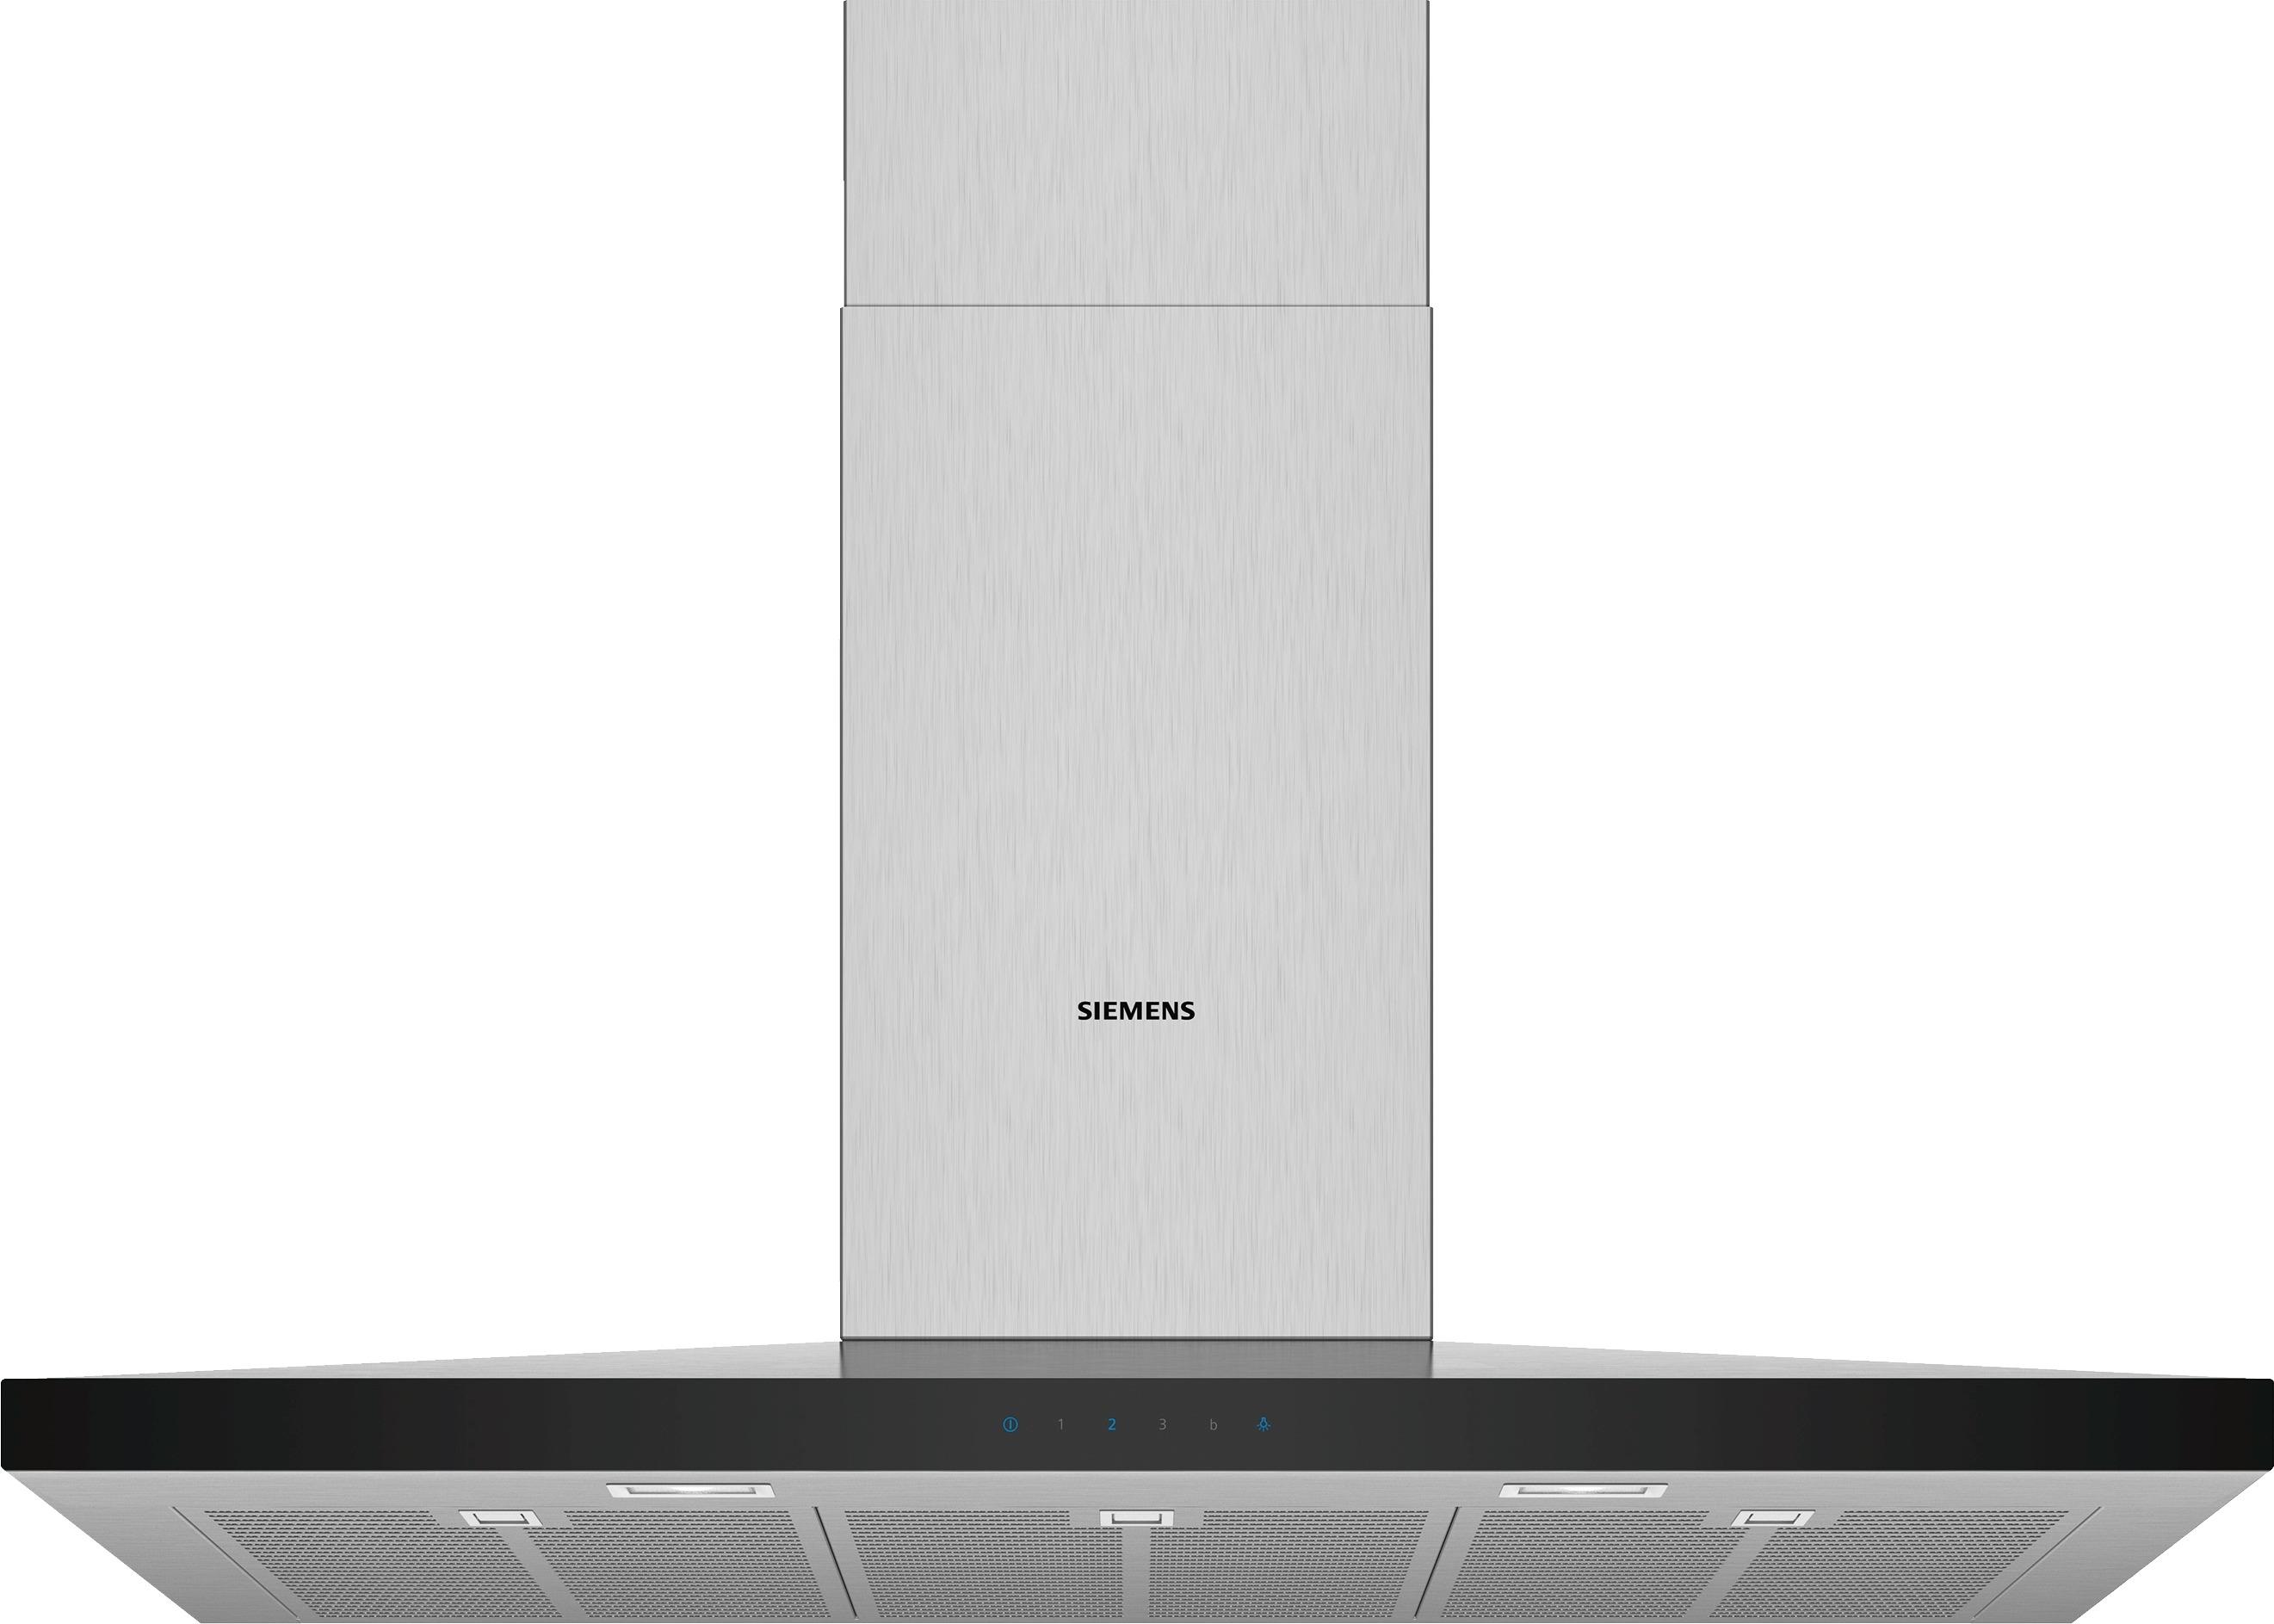 Siemens LC97QFM50 Schouwkap Aluminium